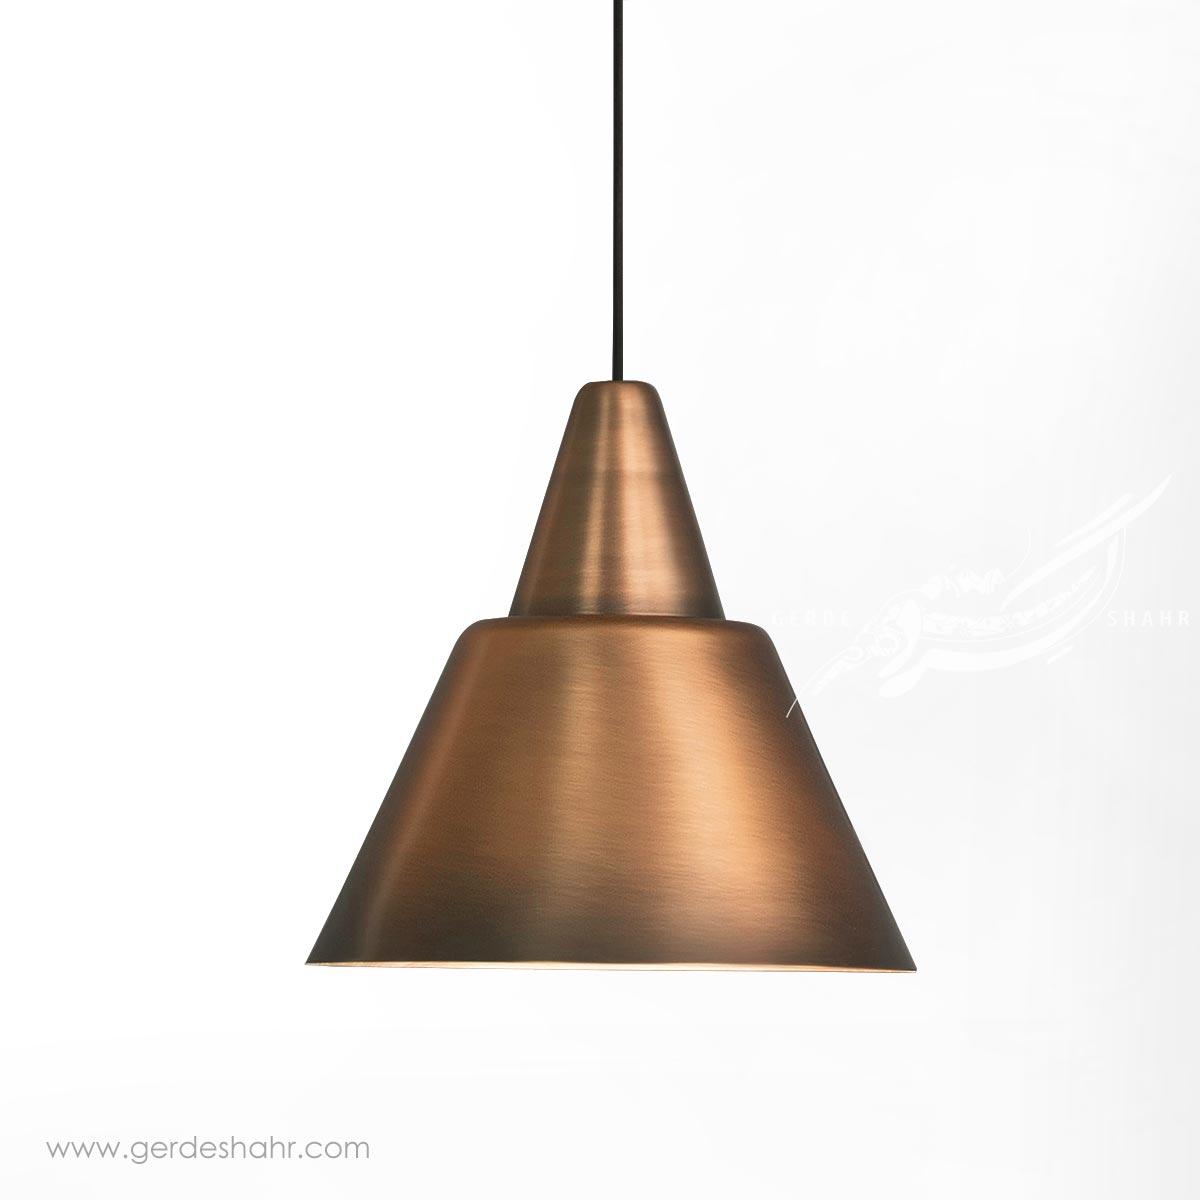 آویز روشنایی مسی سماع متوسط تیروژ محصولات